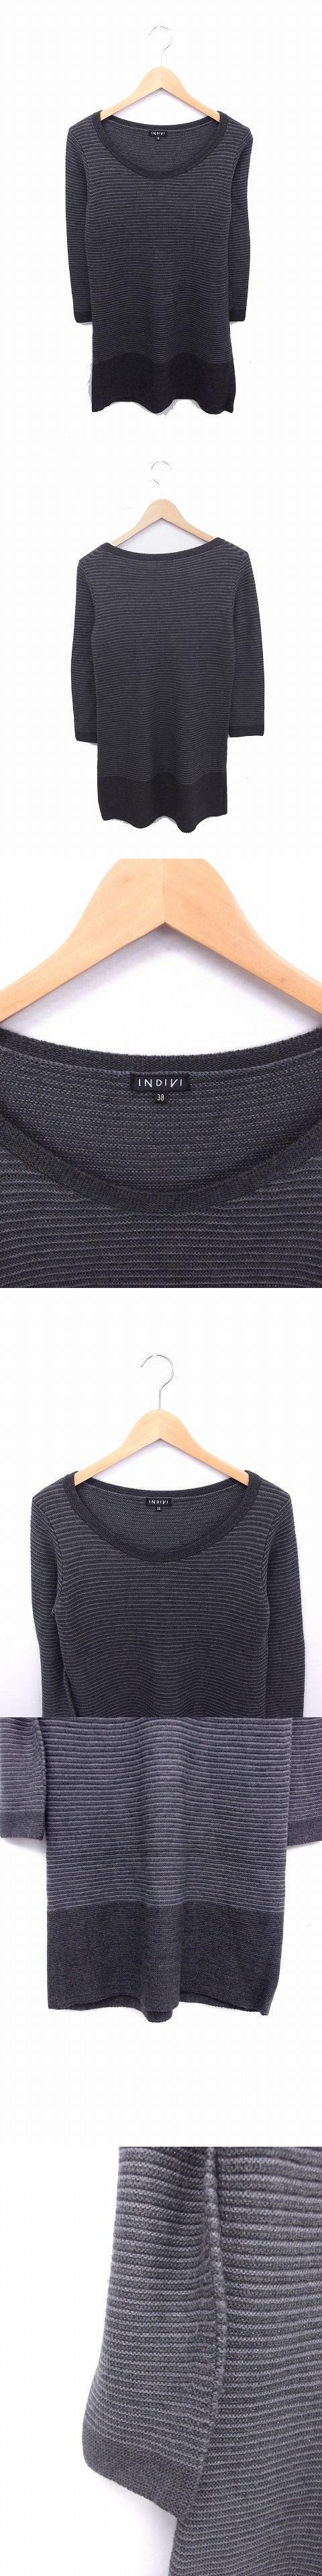 ワンピース チュニック ニット ウール混 長袖 38 灰 黒 グレー ブラック /TT8